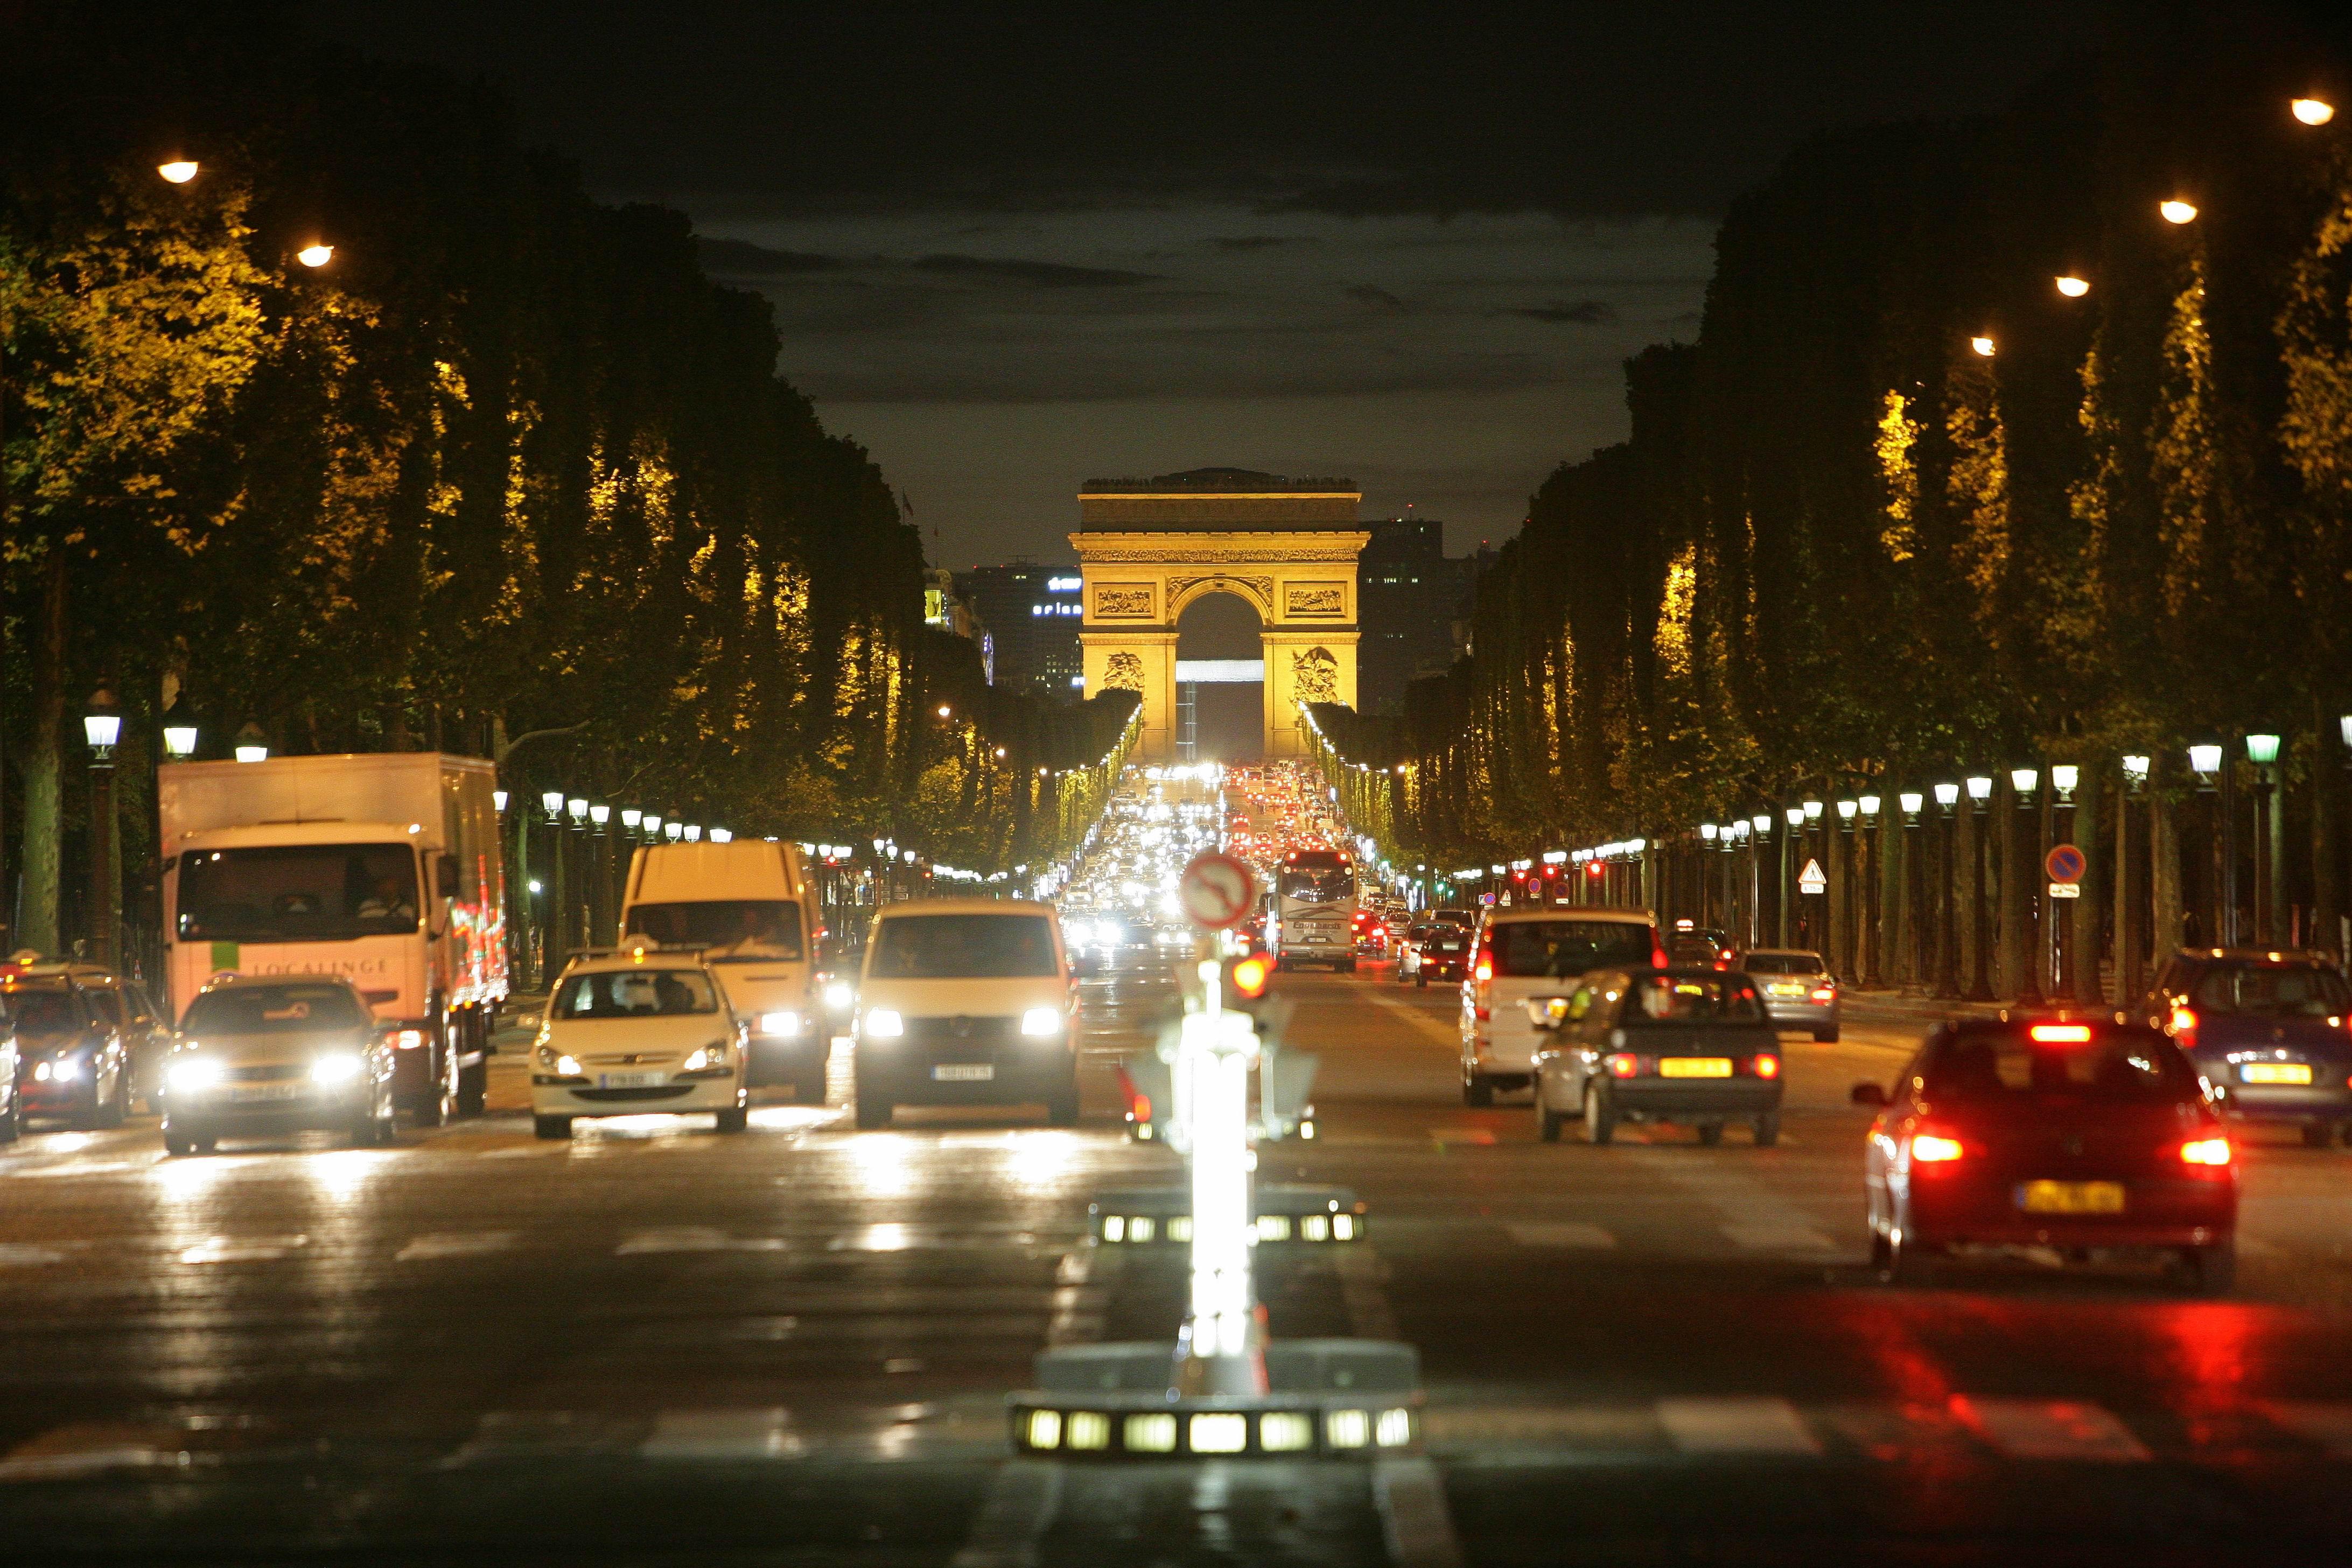 Restaurant Le Champs Elys Ef Bf Bdes Saint Quentin